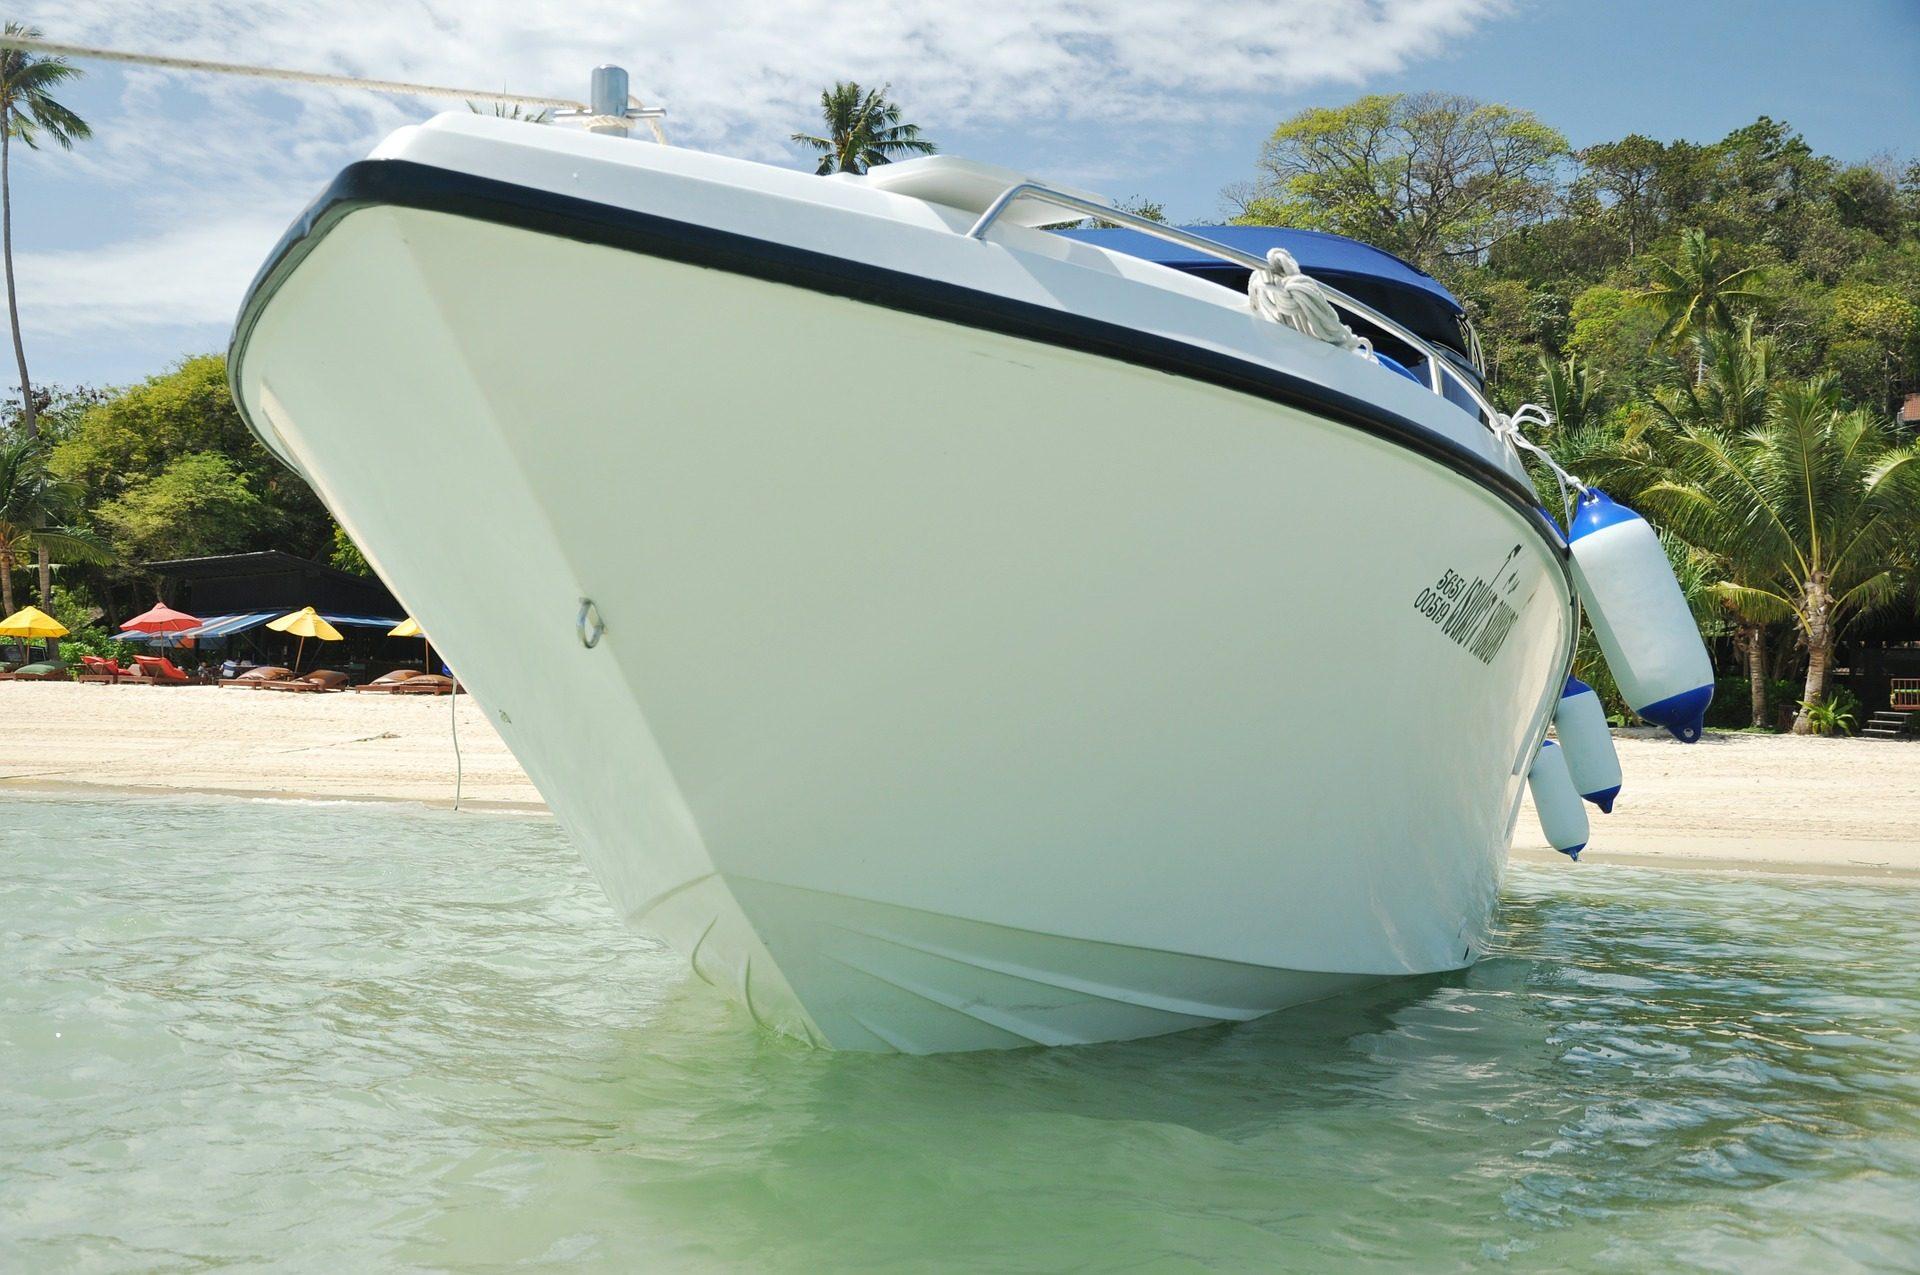 barca, Yacht, Costa, Spiaggia, posto barca, Mare, ombrelloni - Sfondi HD - Professor-falken.com